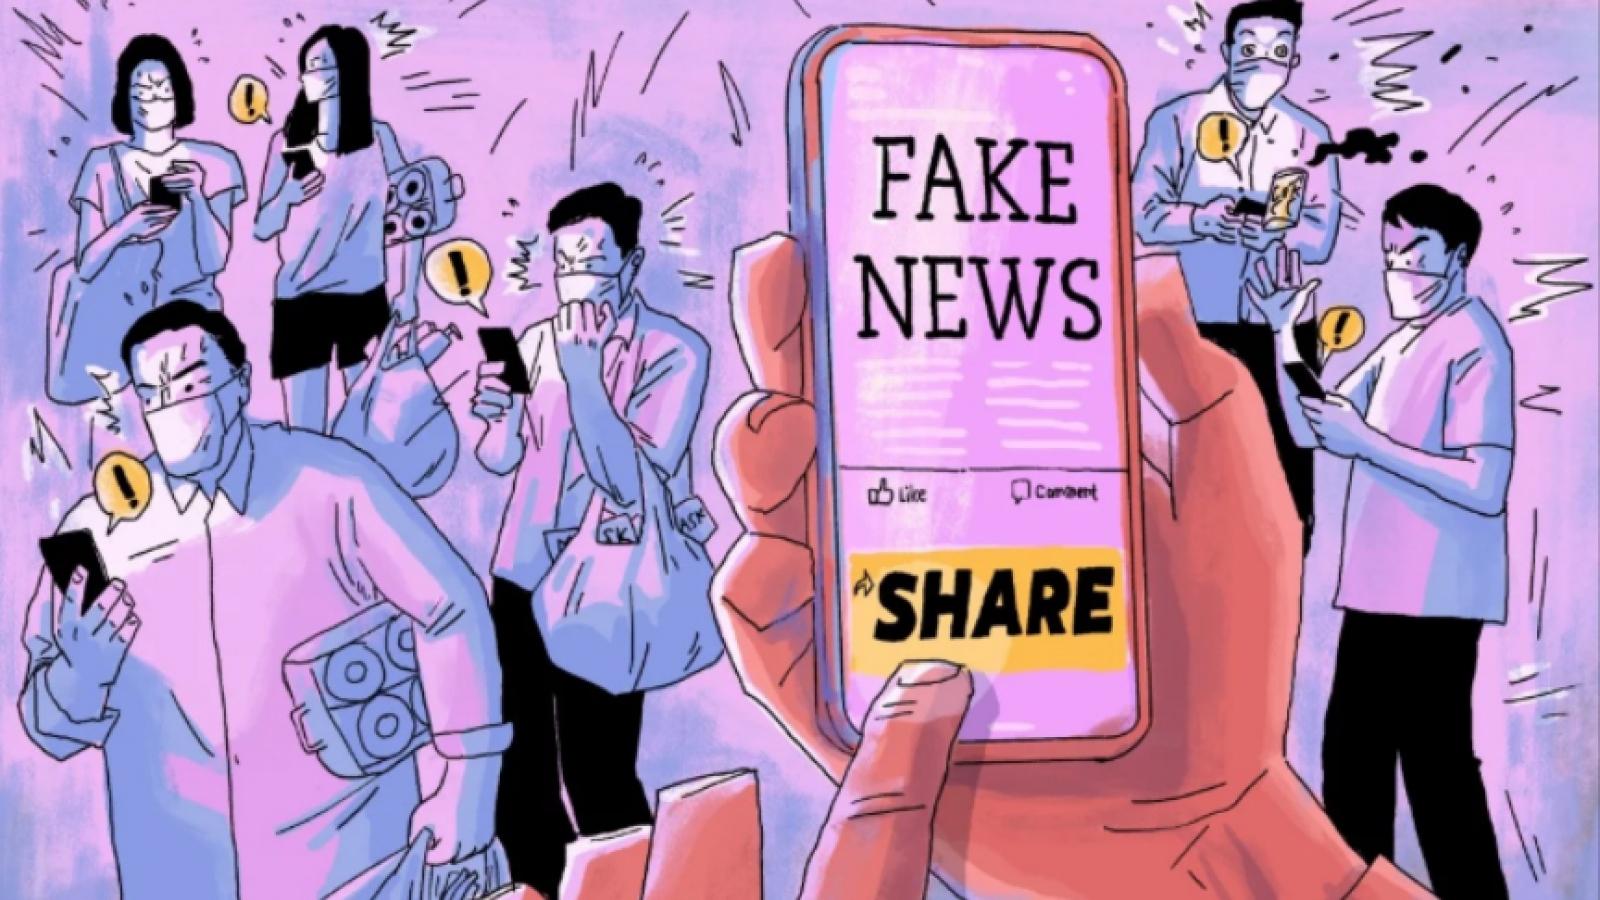 Đề kháng với fake news